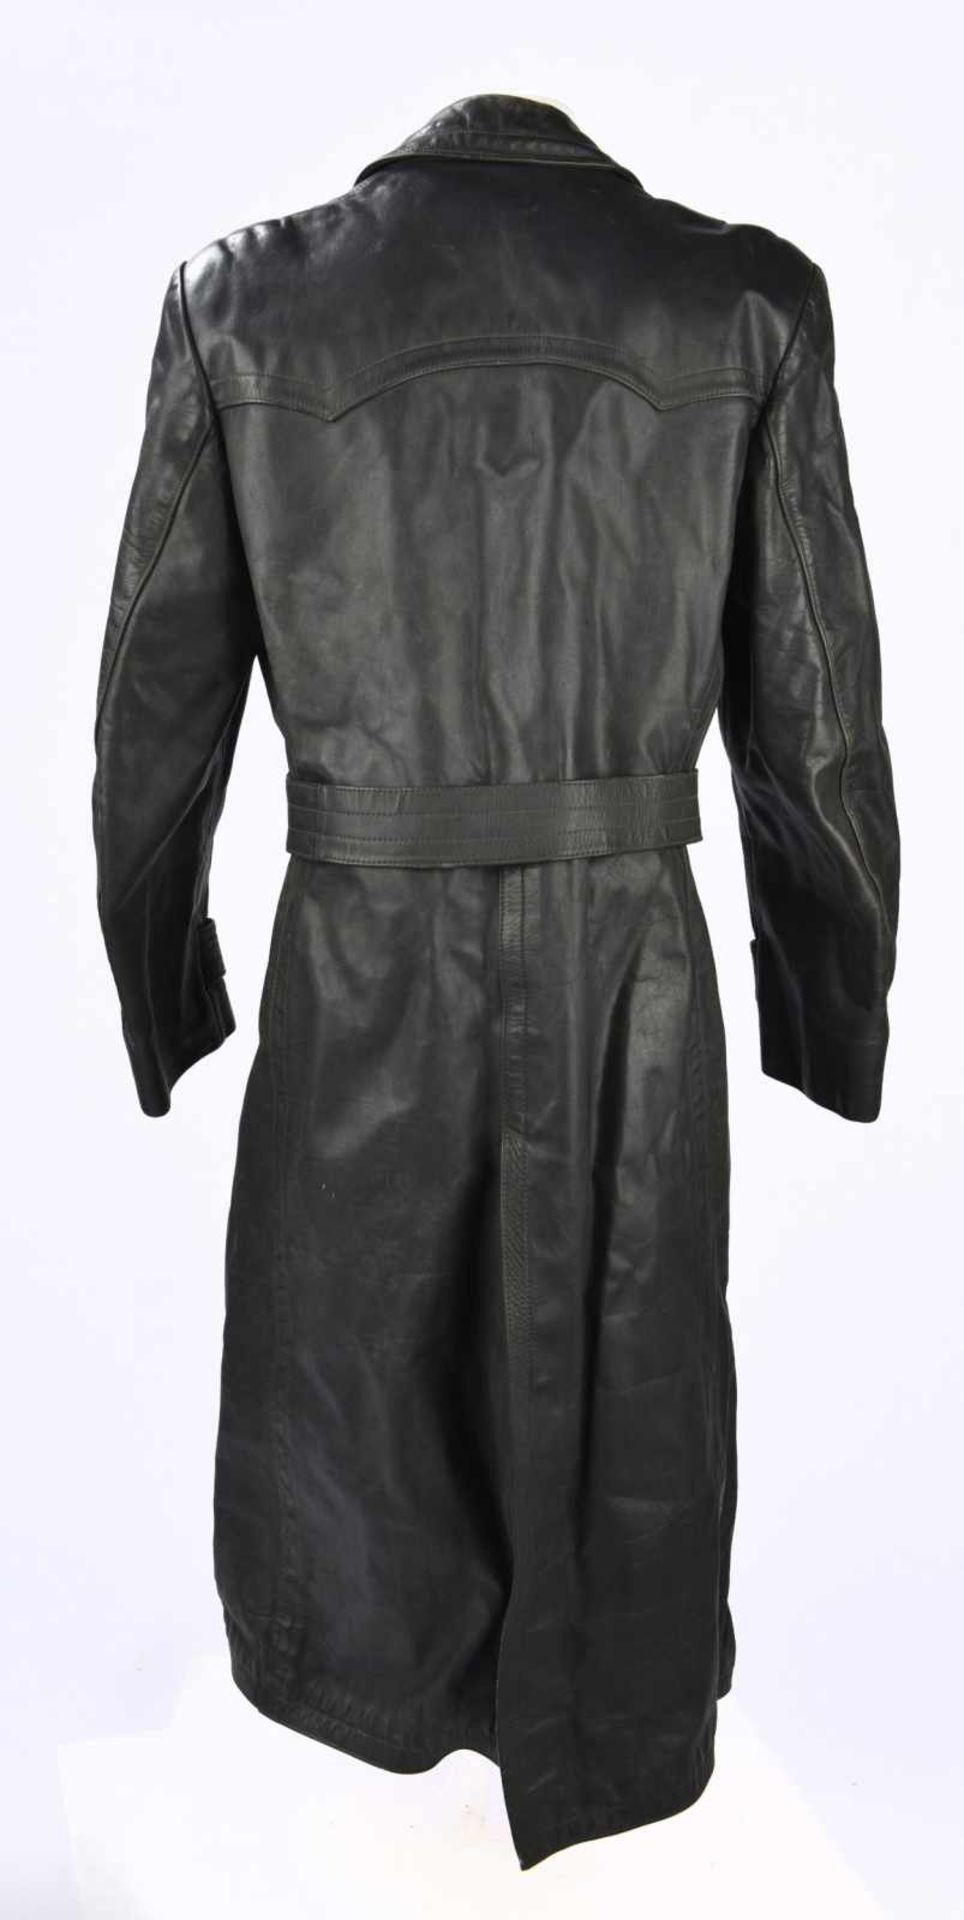 Manteau d'officier en cuir en épais cuir noir, tous les boutons sont présents, ainsi que la ceinture - Bild 4 aus 4